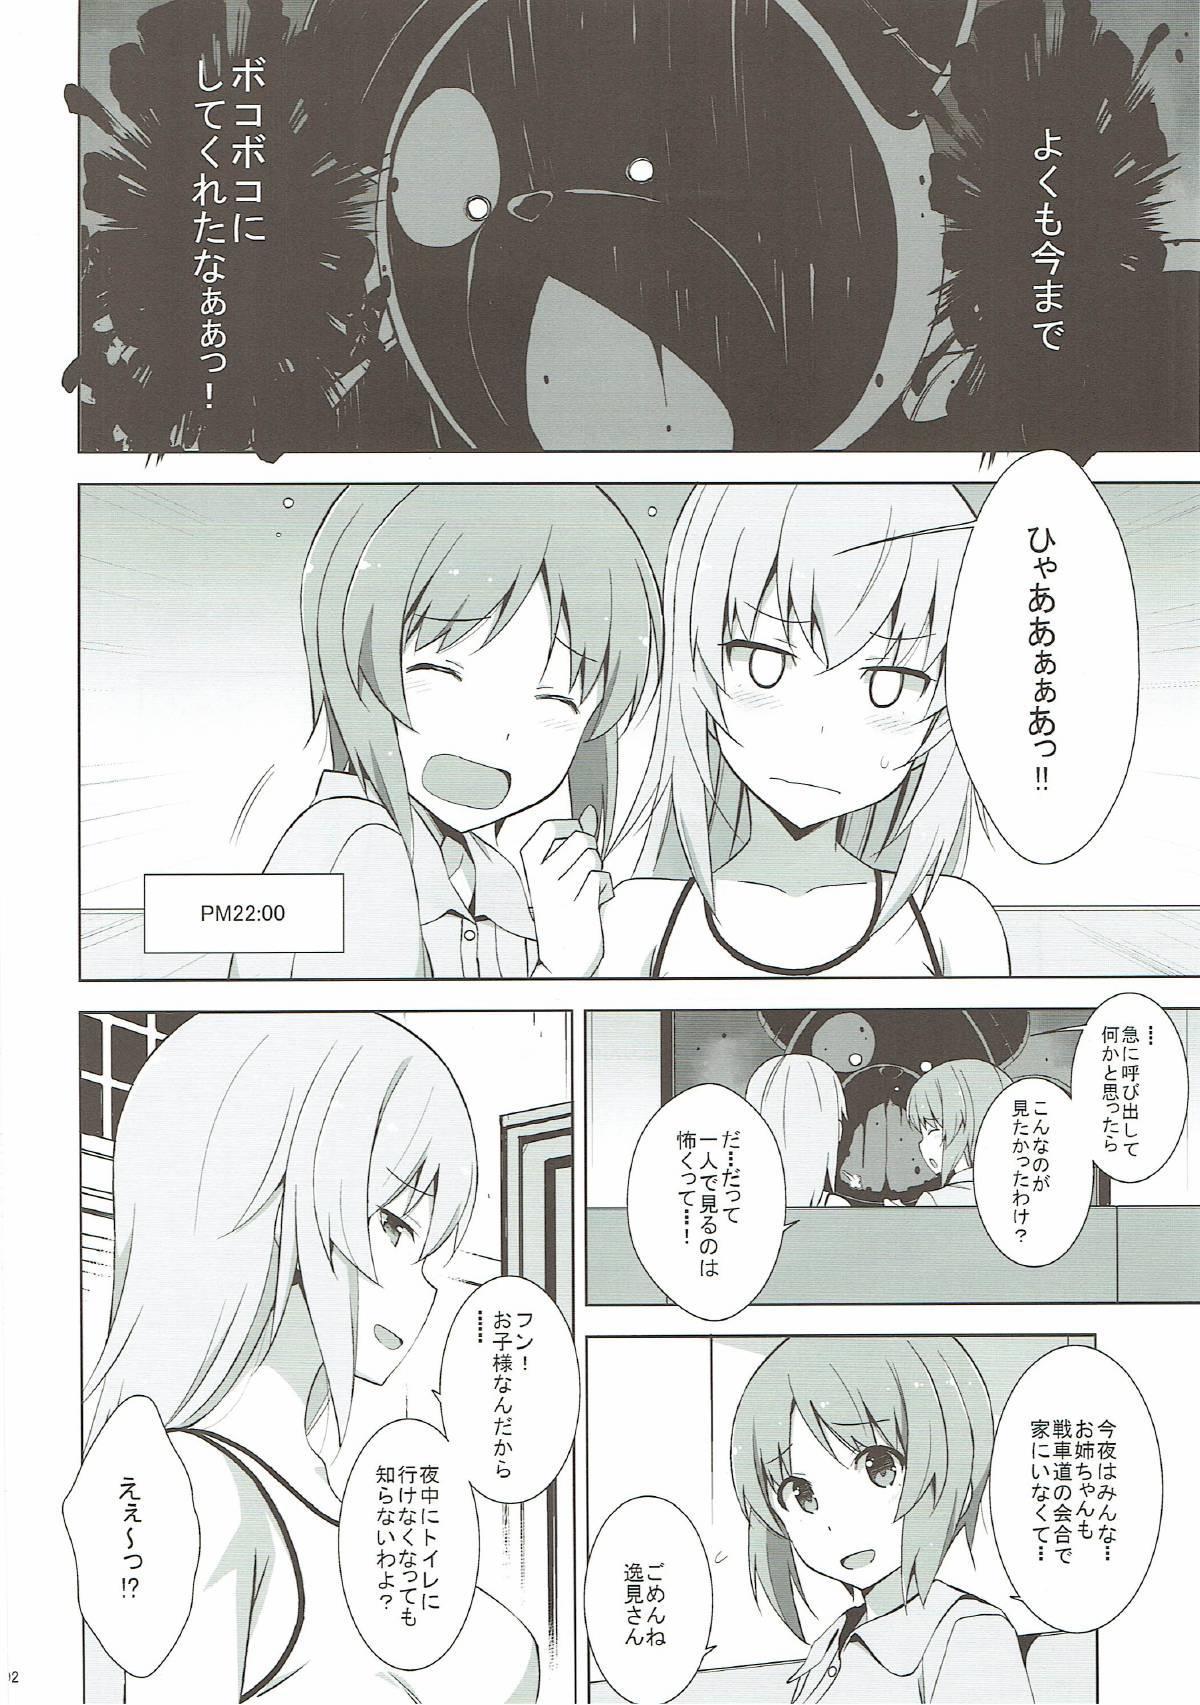 Itsumi Erika ga Nyouinanka ni Makeru Wake ga Nai! 2